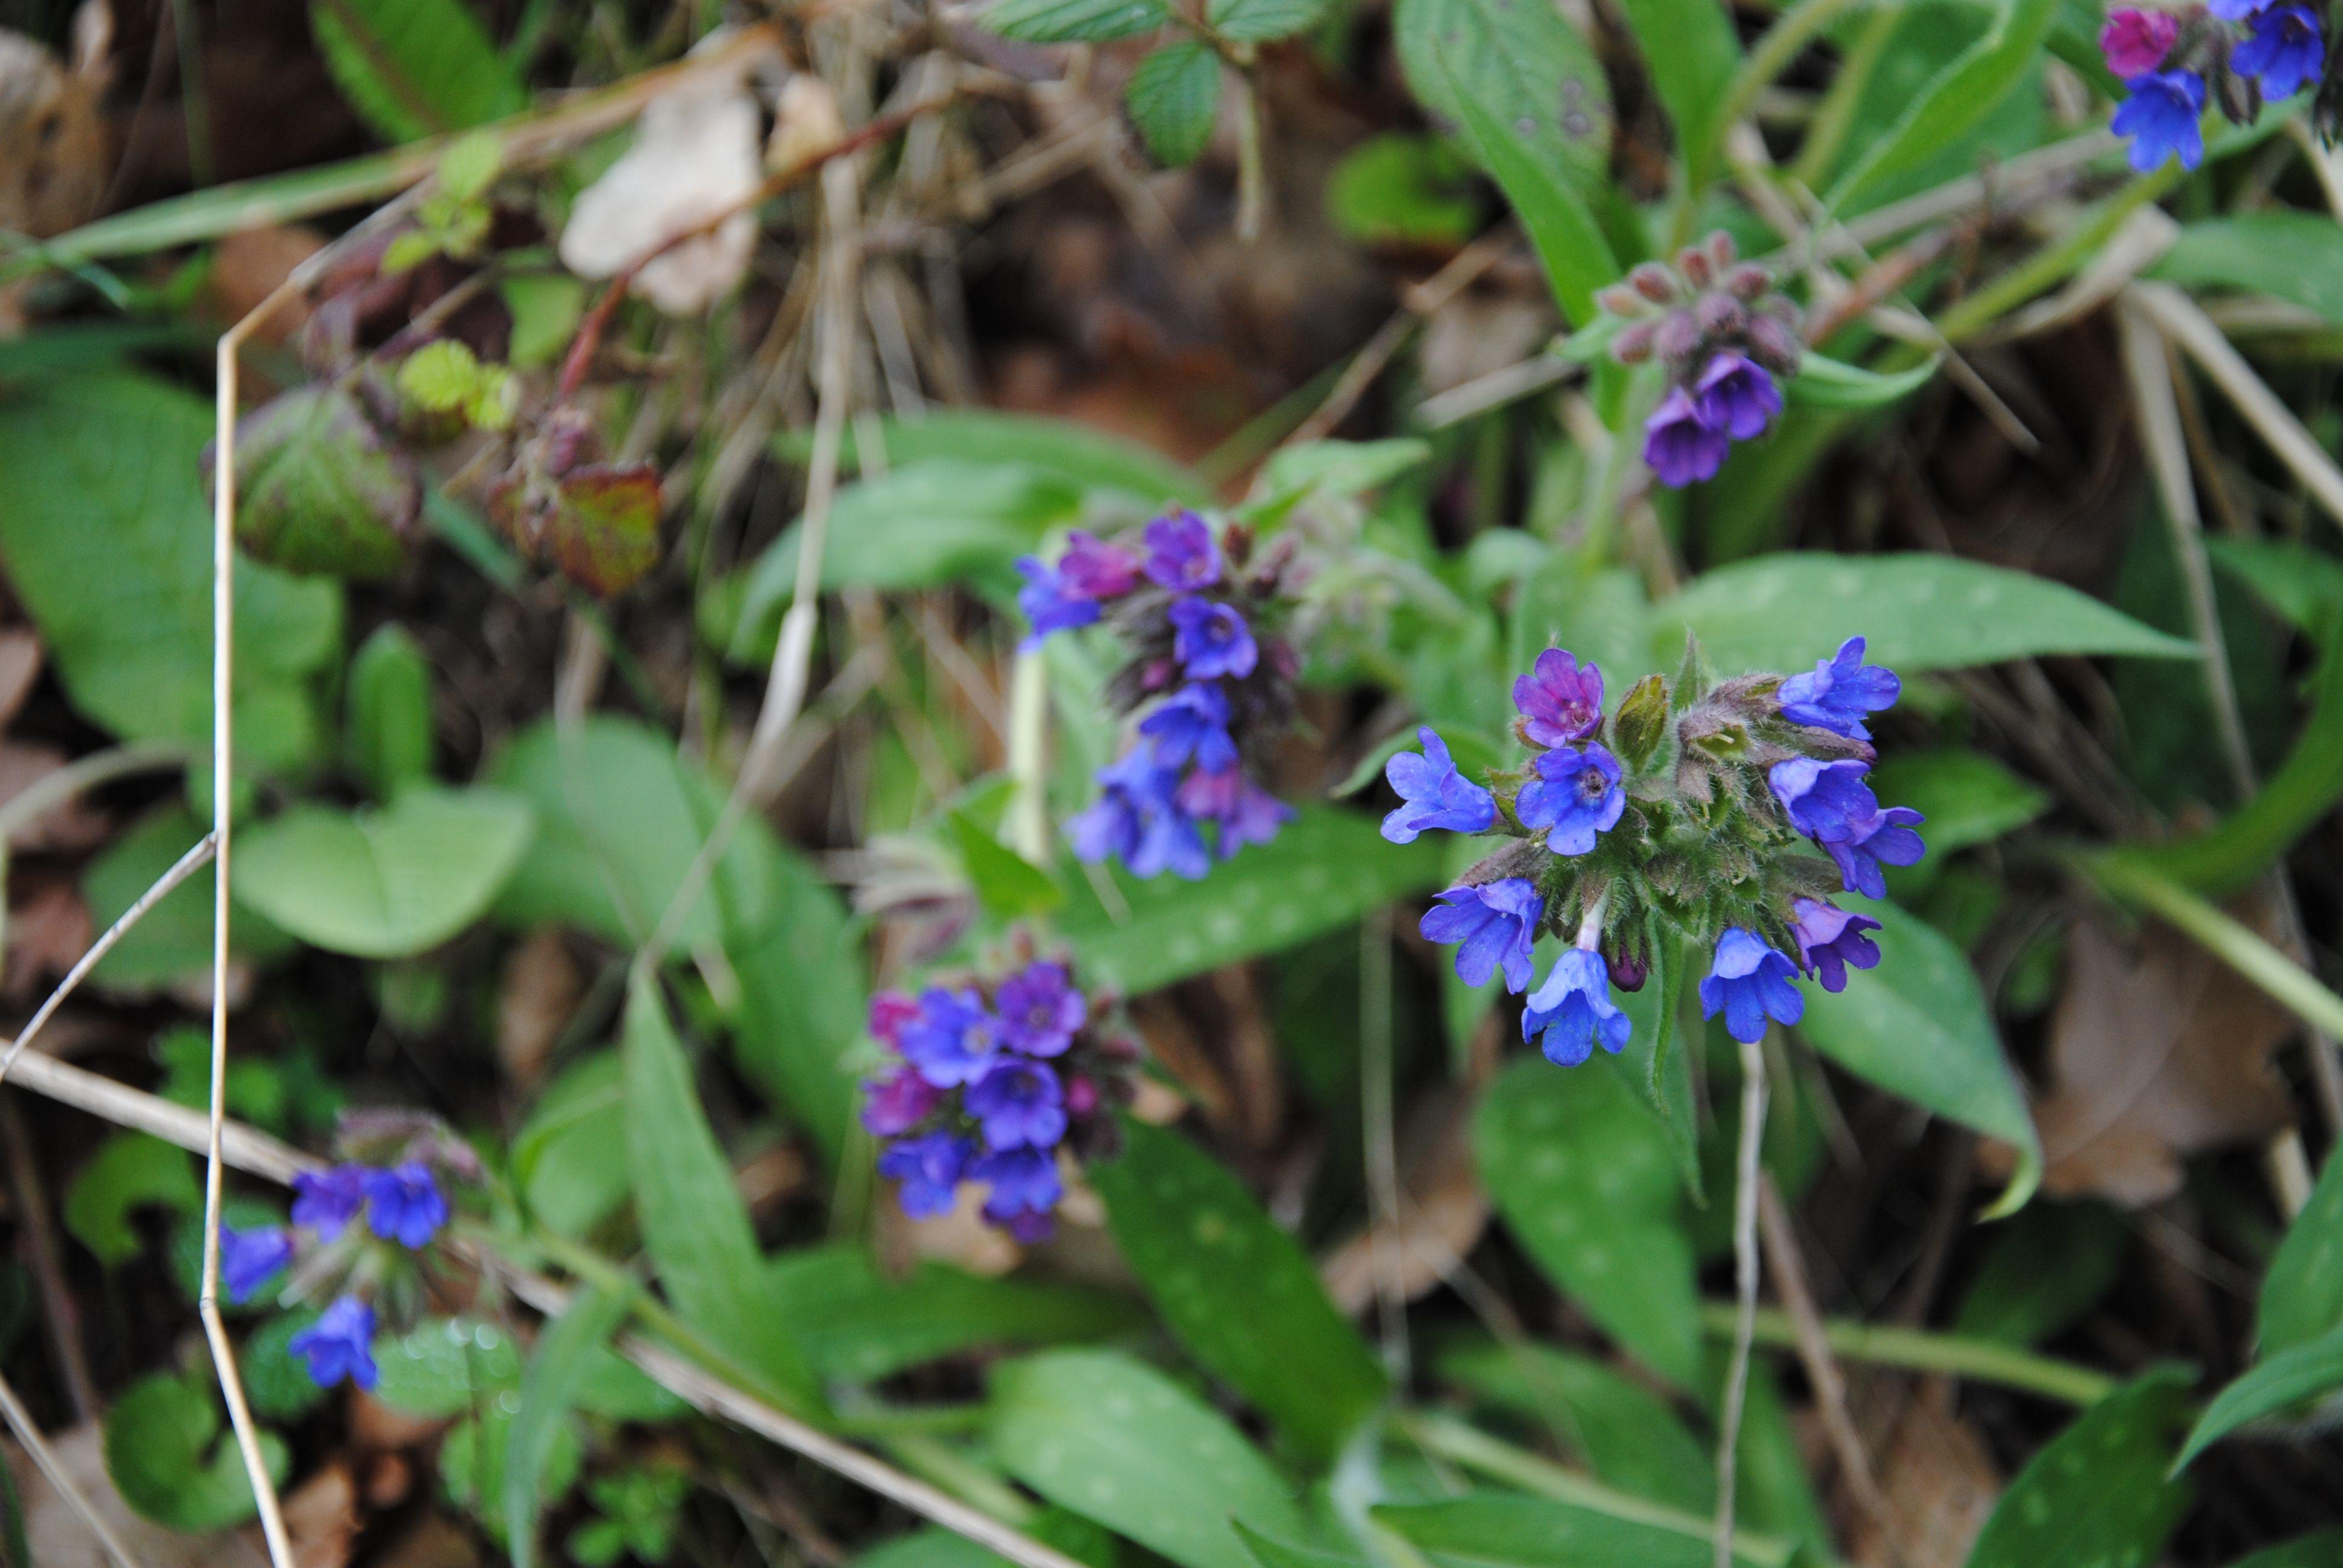 22+ Fleurs bleues au jardin ideas in 2021